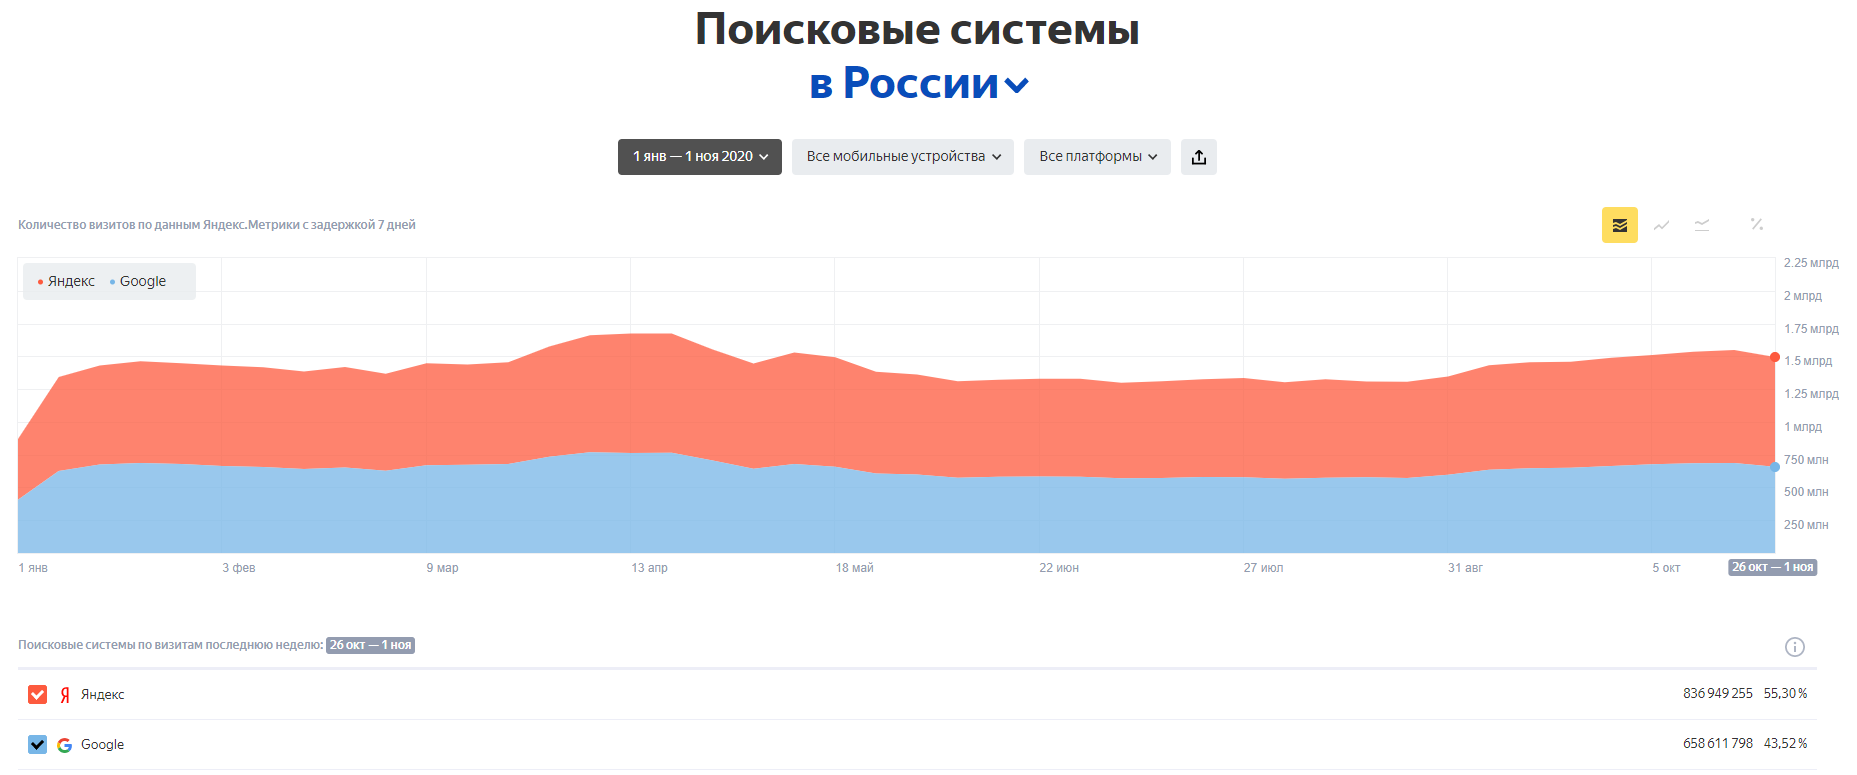 Статистика использования поисковых систем в России (мобильные устройства)